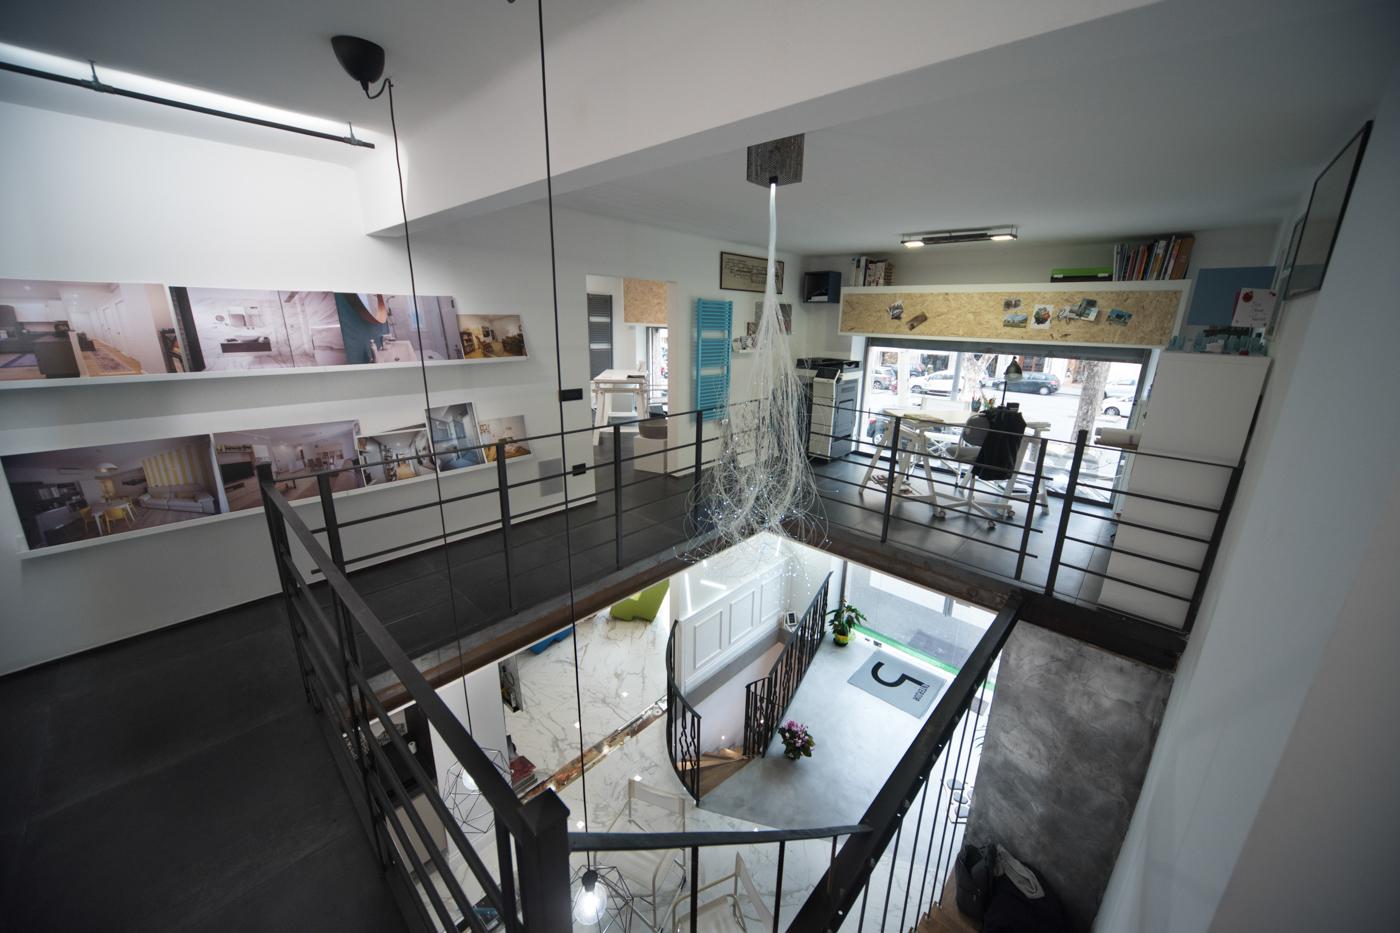 valentina solera, architetto, interior, ristrutturazione, genova, liguria, italy, interior5-14.jpg